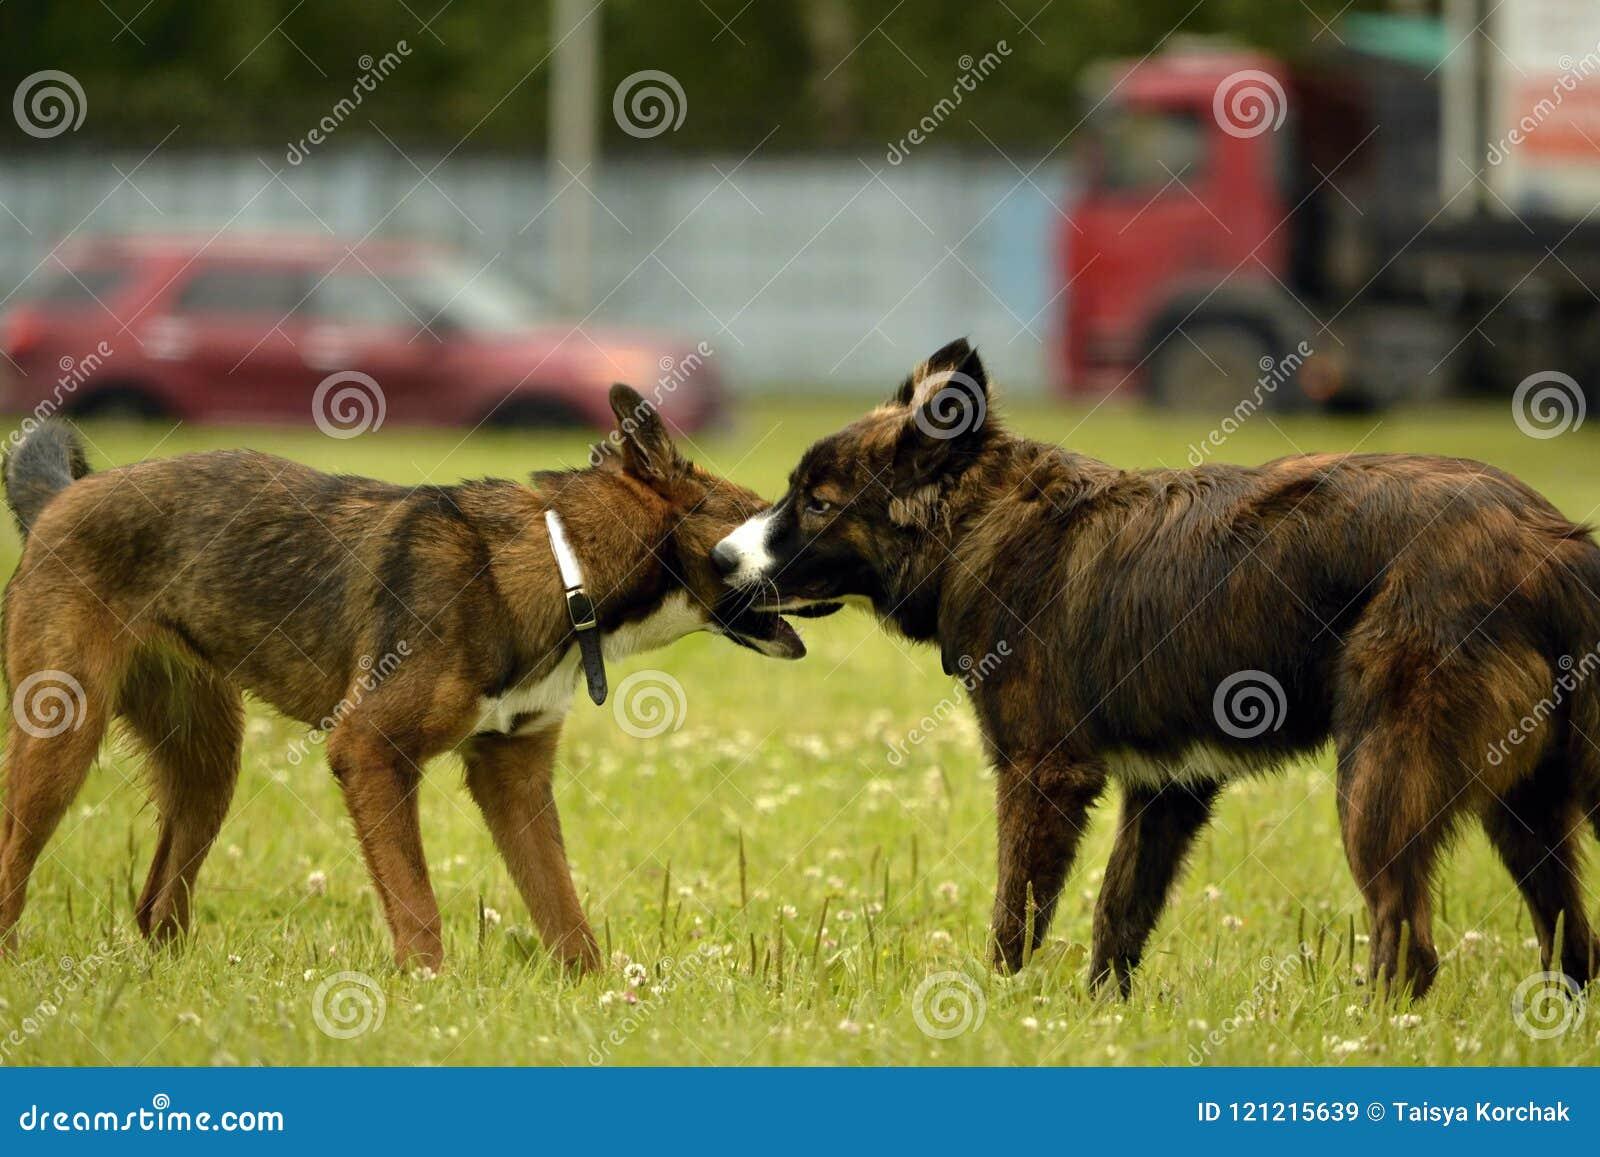 Emozioni degli animali Due giovani cani sono amici Interazione fra i cani Aspetti comportamentistici degli animali